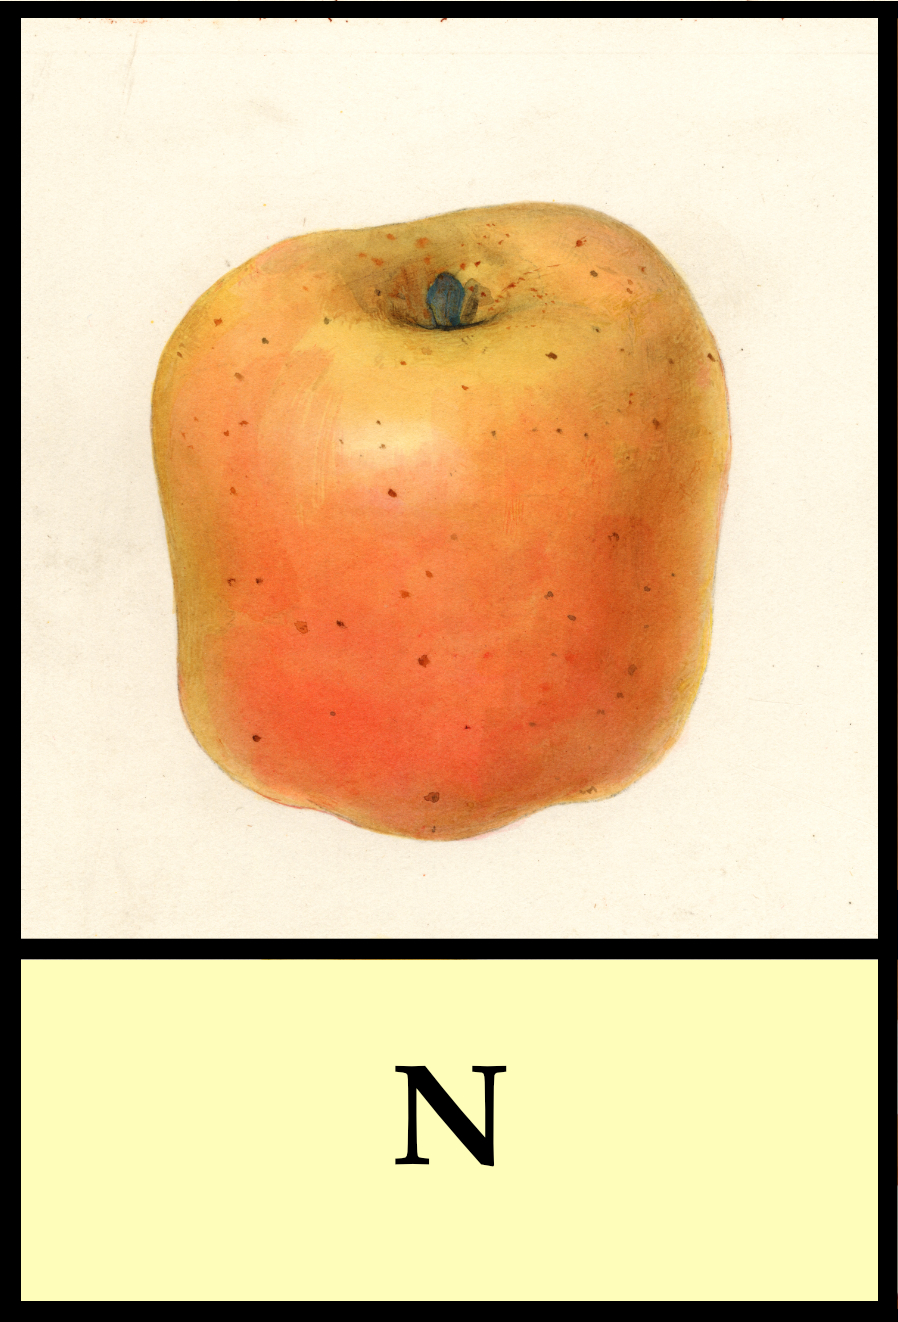 N apples